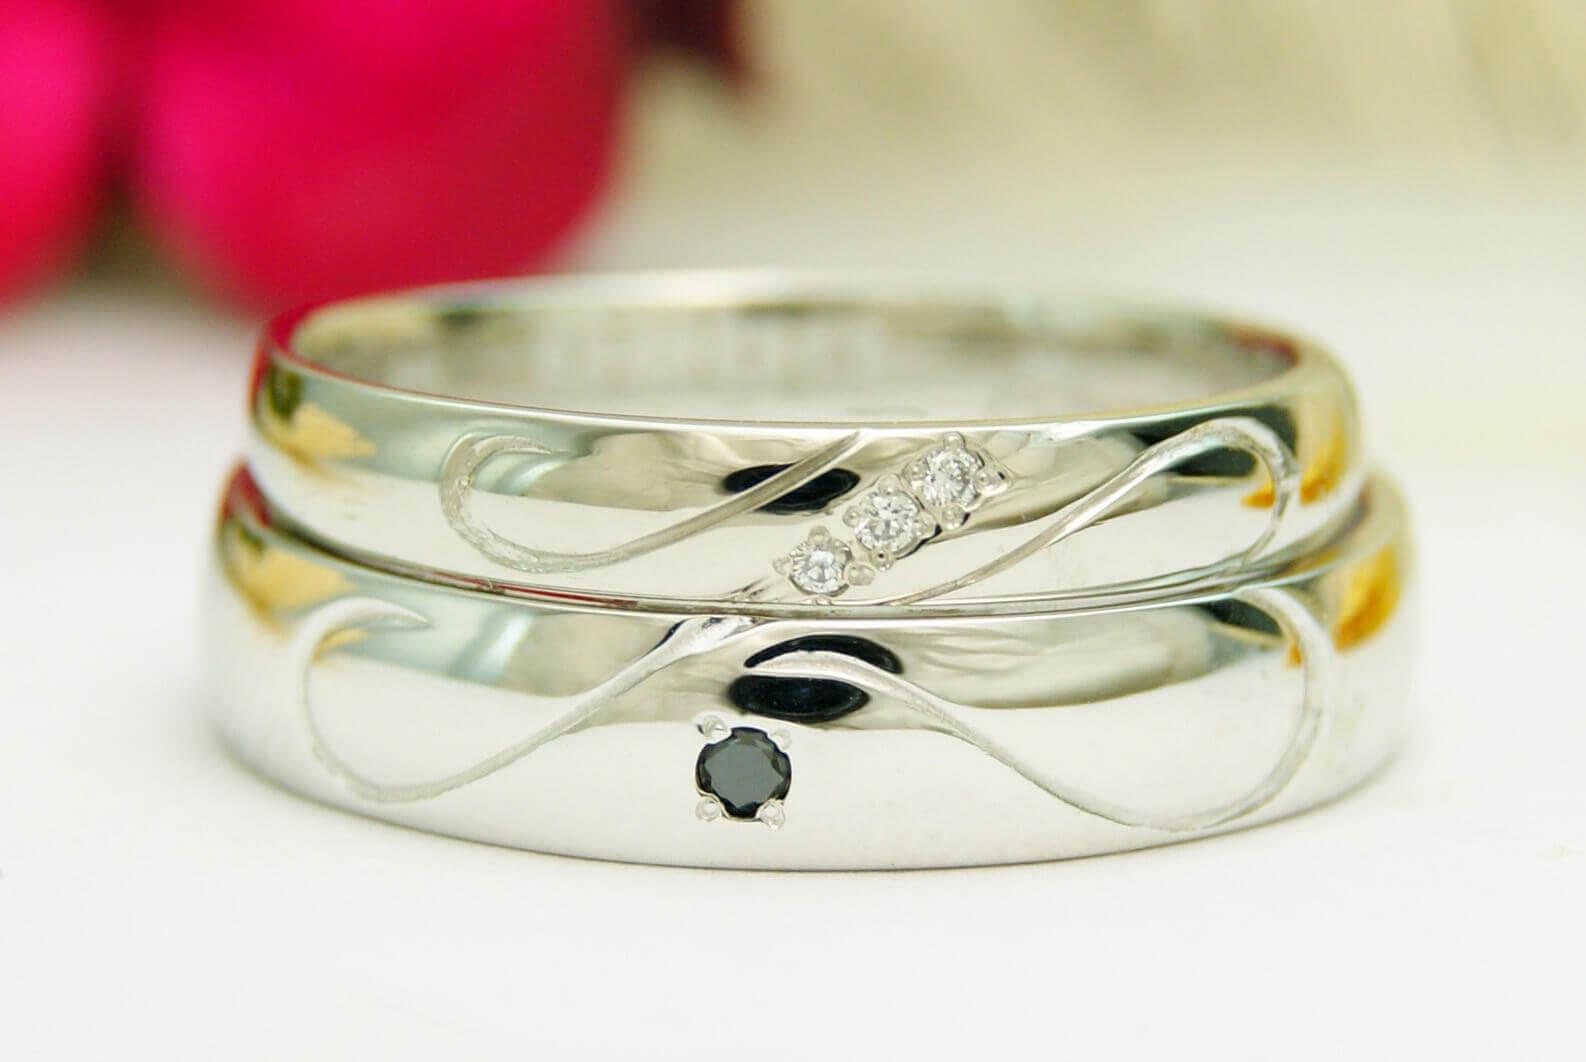 デザイン | イニシャル | かざりやゆい | 世界に一つだけの結婚指輪「kazariya Yui」 | 福島県郡山市